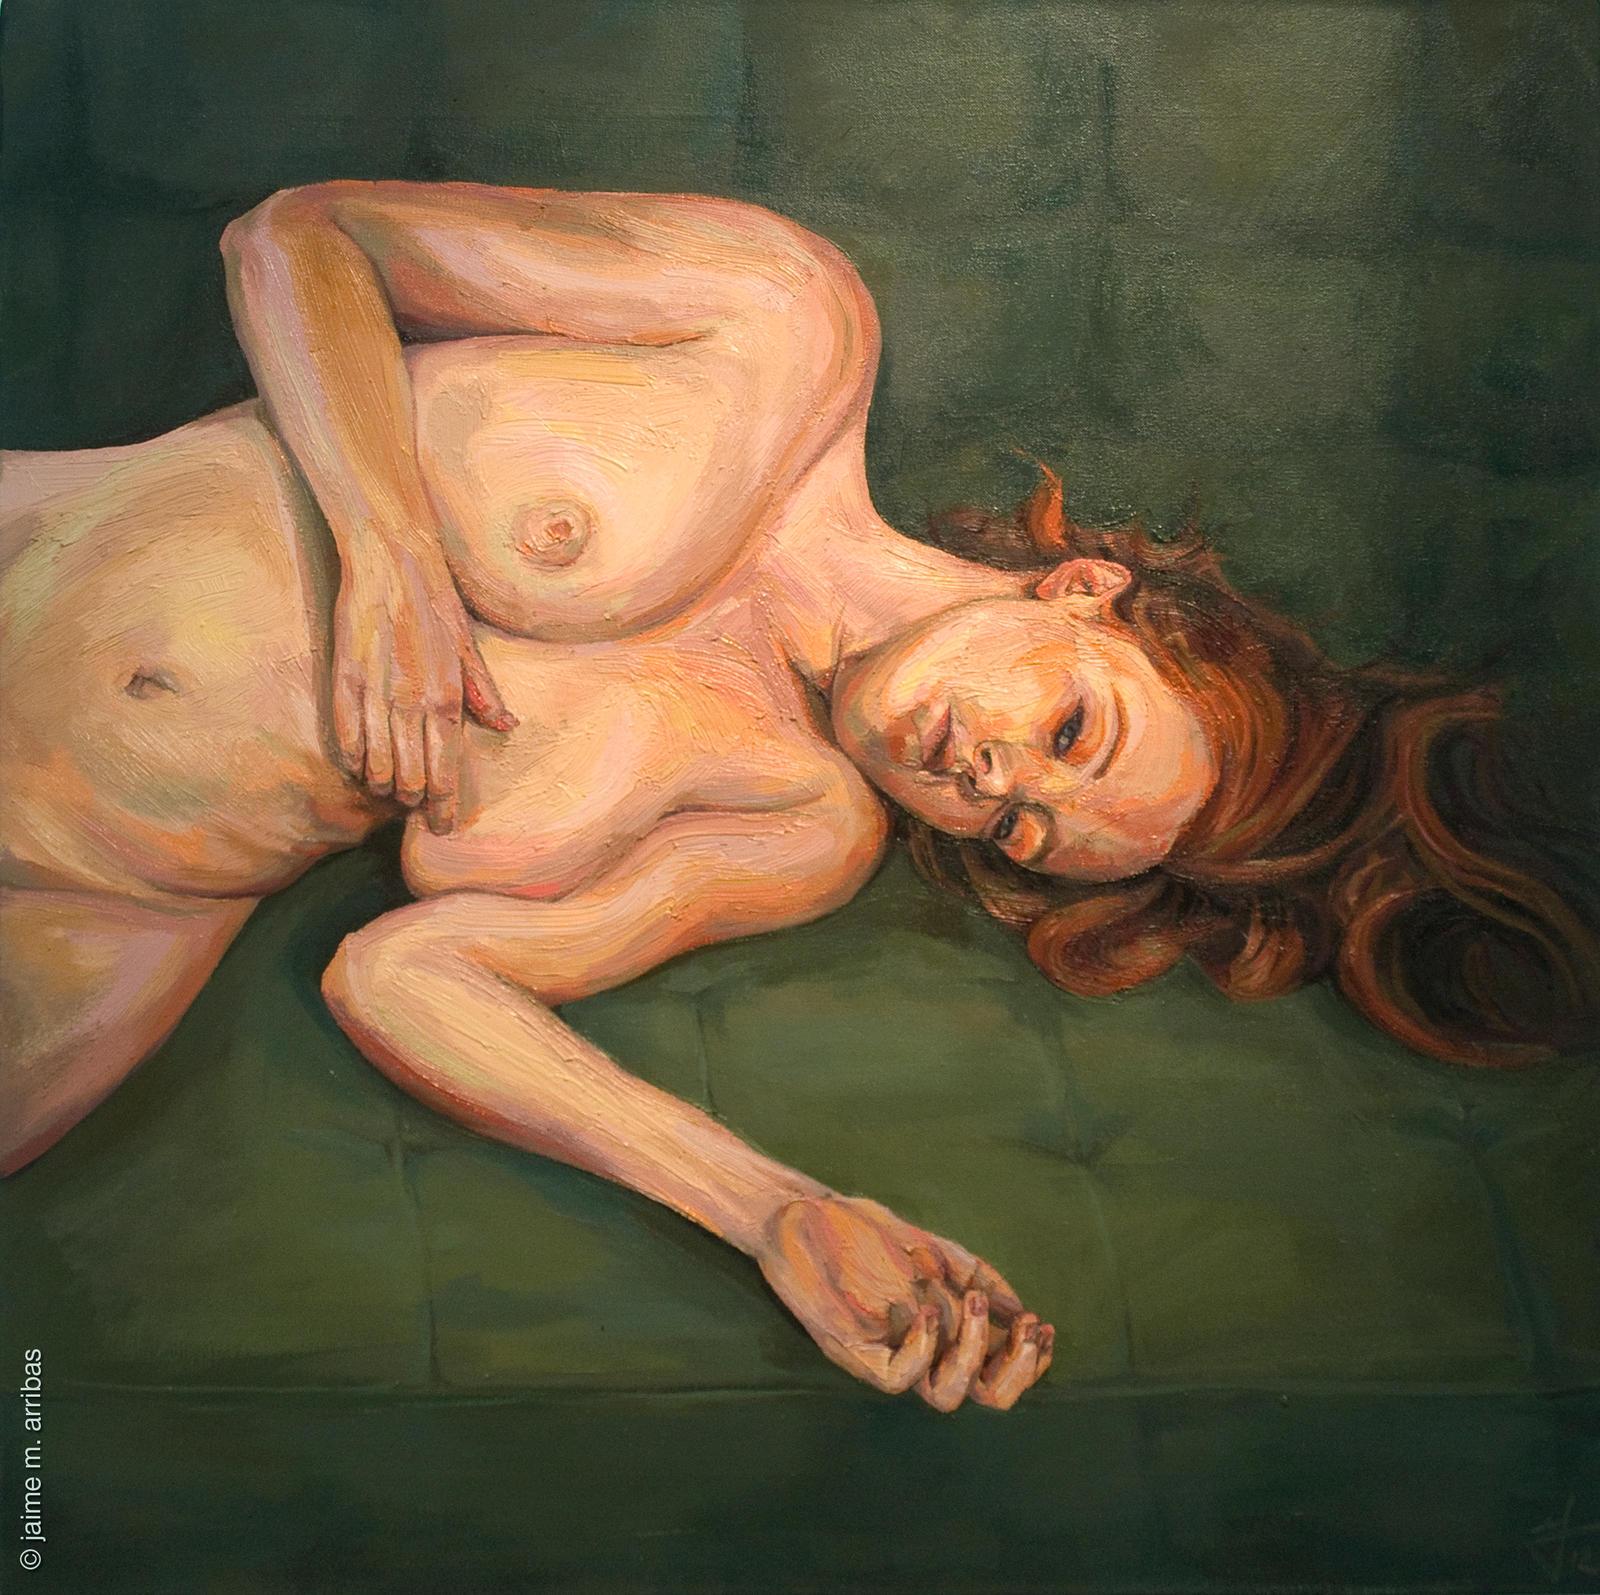 Pelirroja en el sofa verde by chimobayo